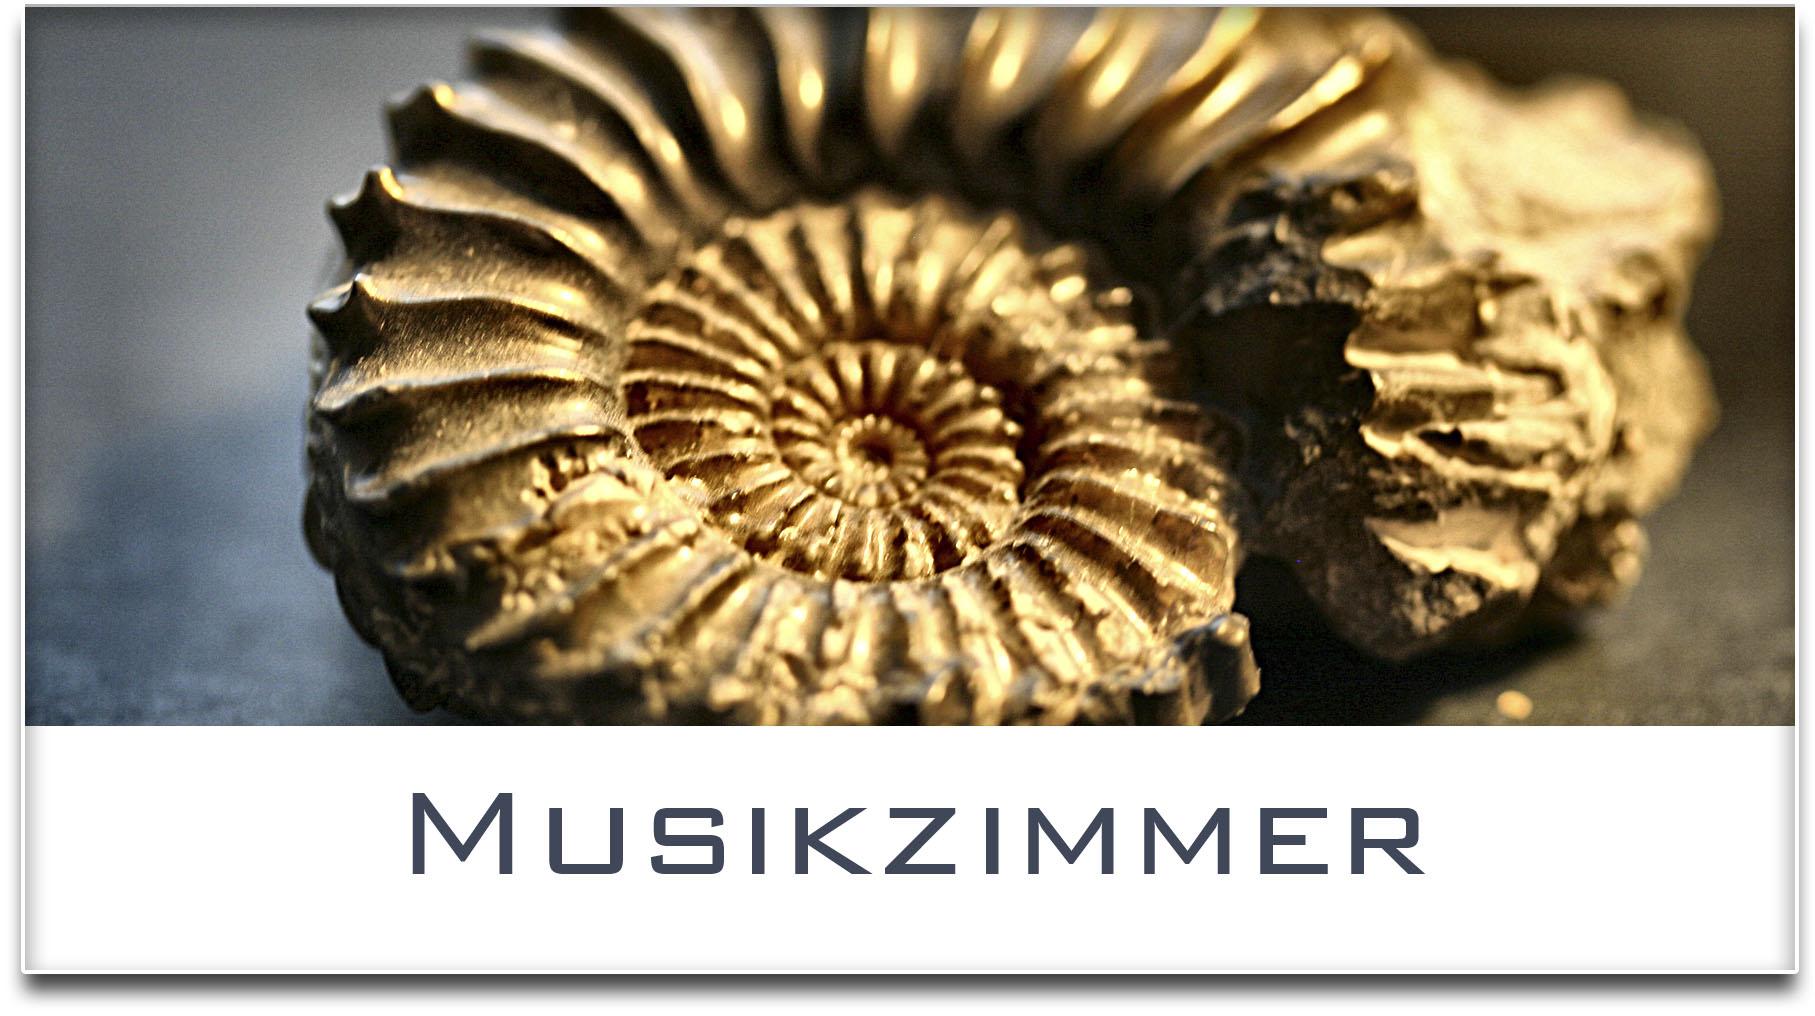 Türschild / Haustürschild / Versteinerte Muschel / Musikzimmer / Selbstklebend